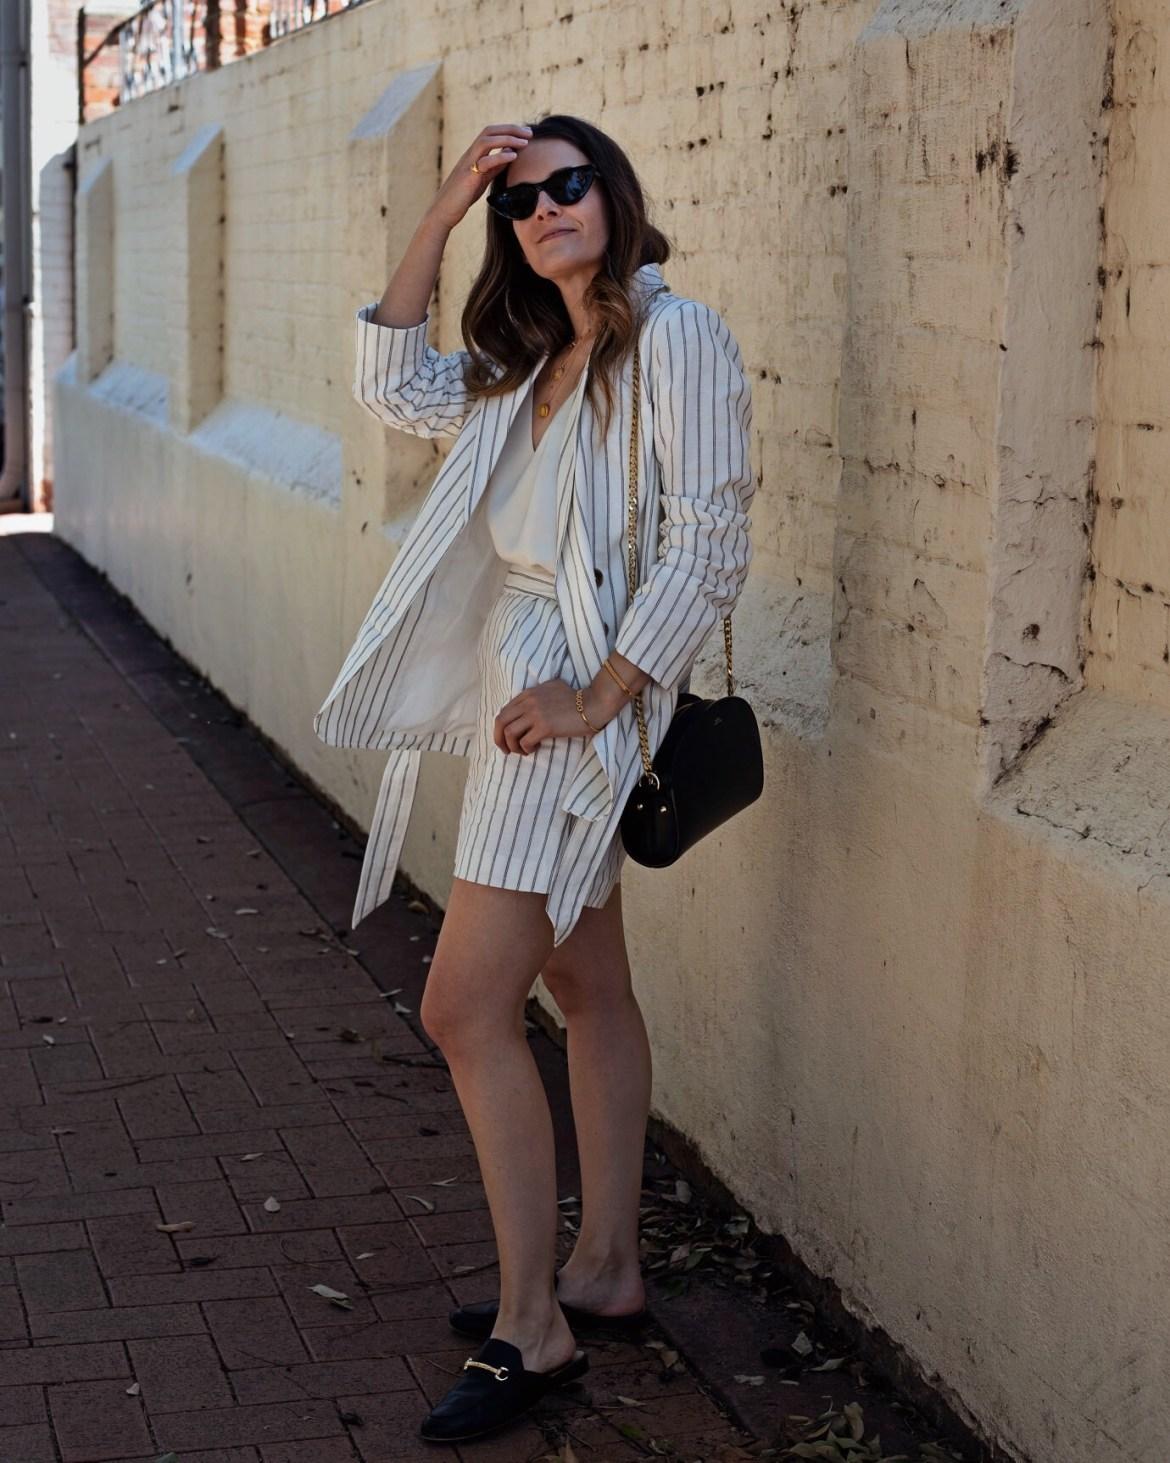 Stripe shorts suit